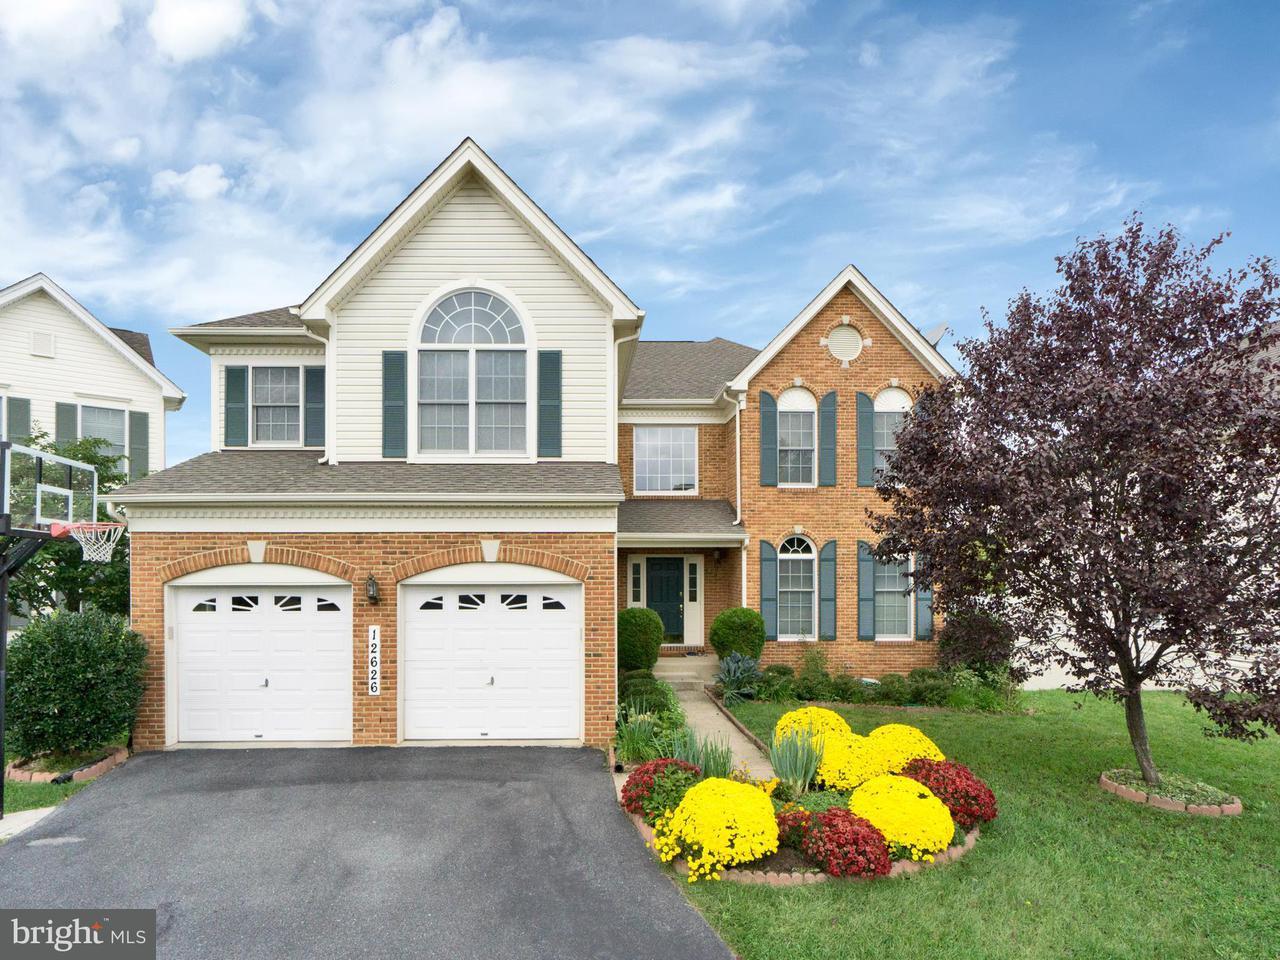 Частный односемейный дом для того Продажа на 12626 Bright Spring Way 12626 Bright Spring Way Boyds, Мэриленд 20841 Соединенные Штаты